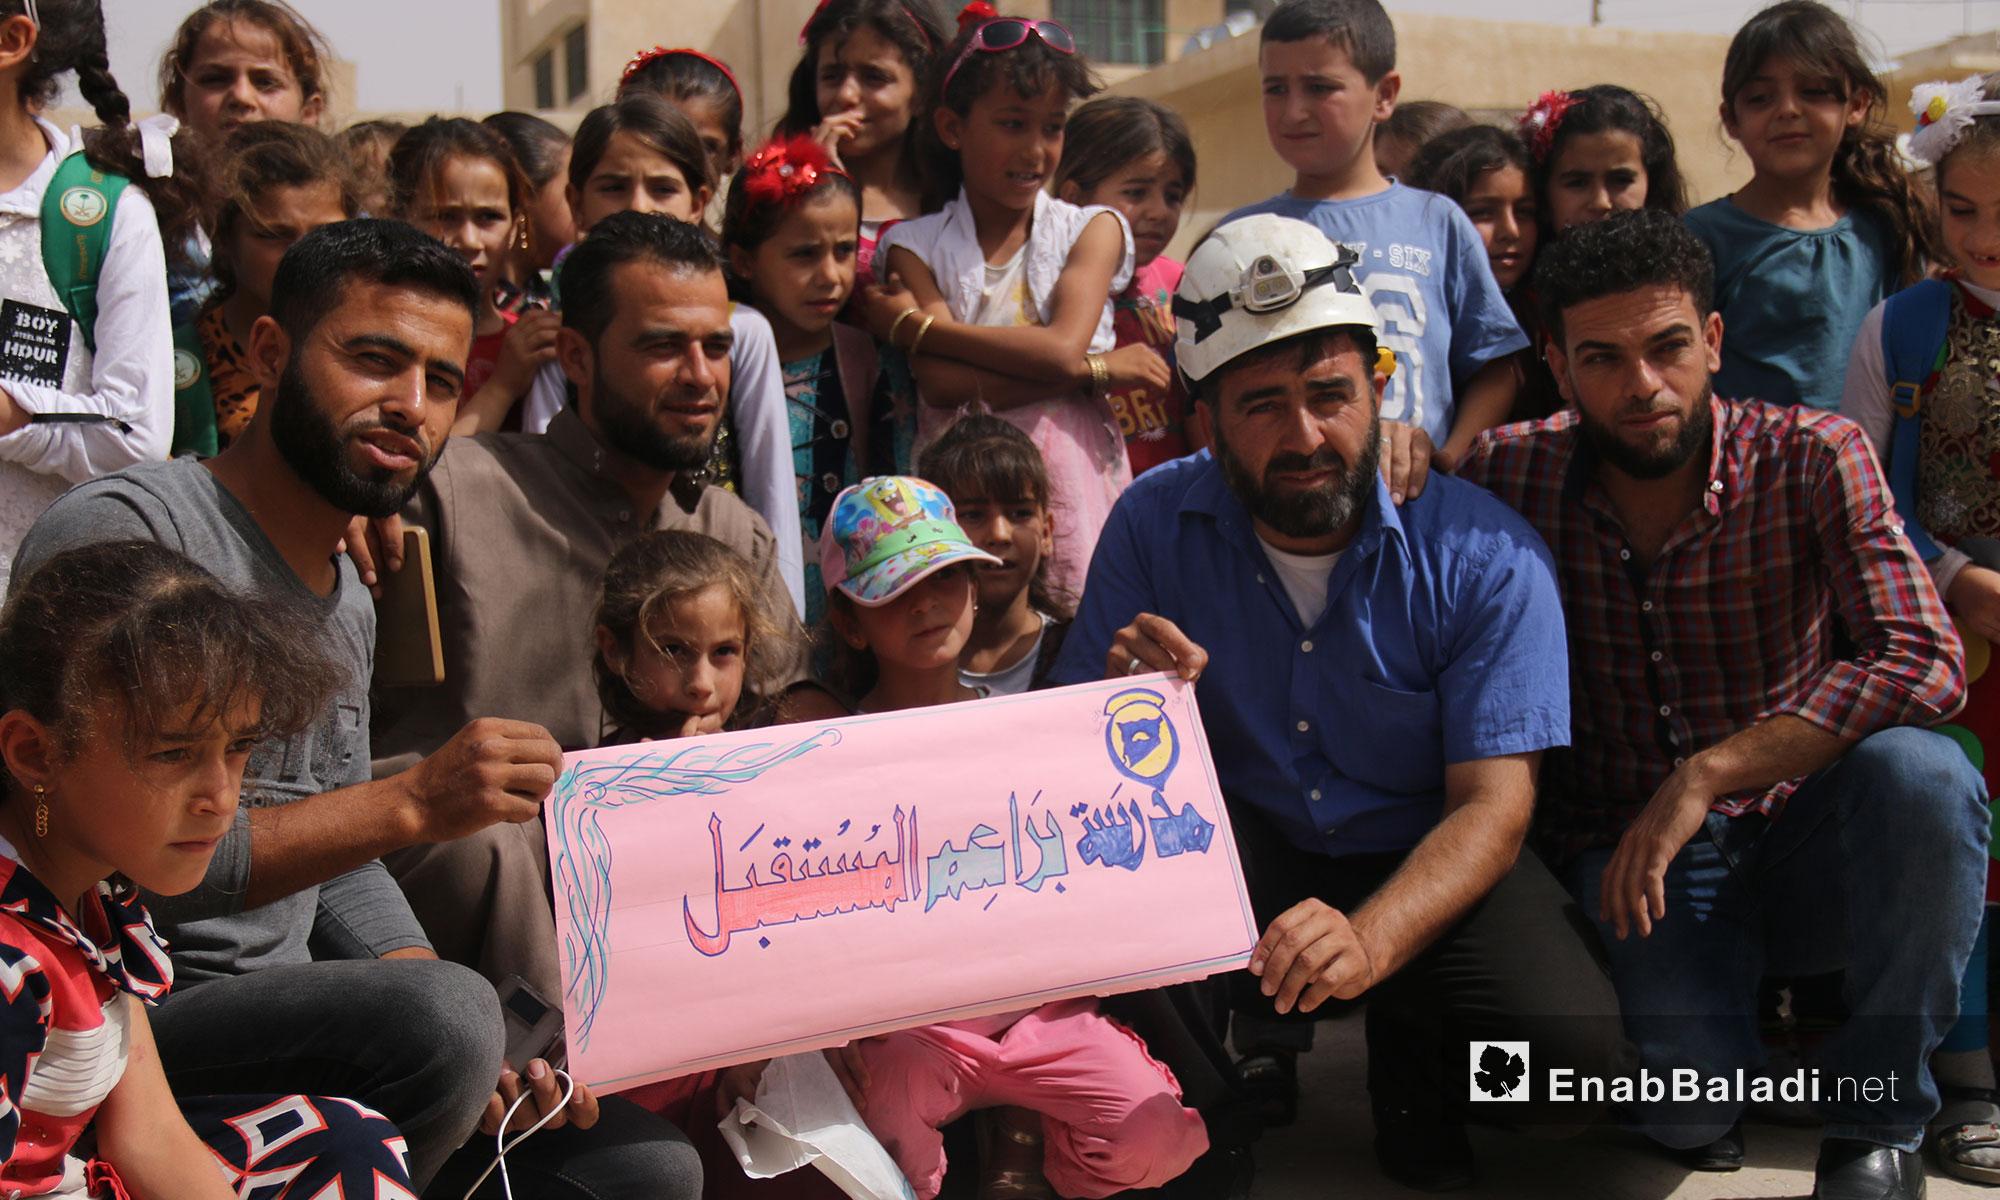 طلاب ومعلمون مدرسة براعم المستقبل في وقفة تضامنية لأجل الدفاع المدني السوري في ريف إدلب - 25 تموز 2018 (عنب بلدي)